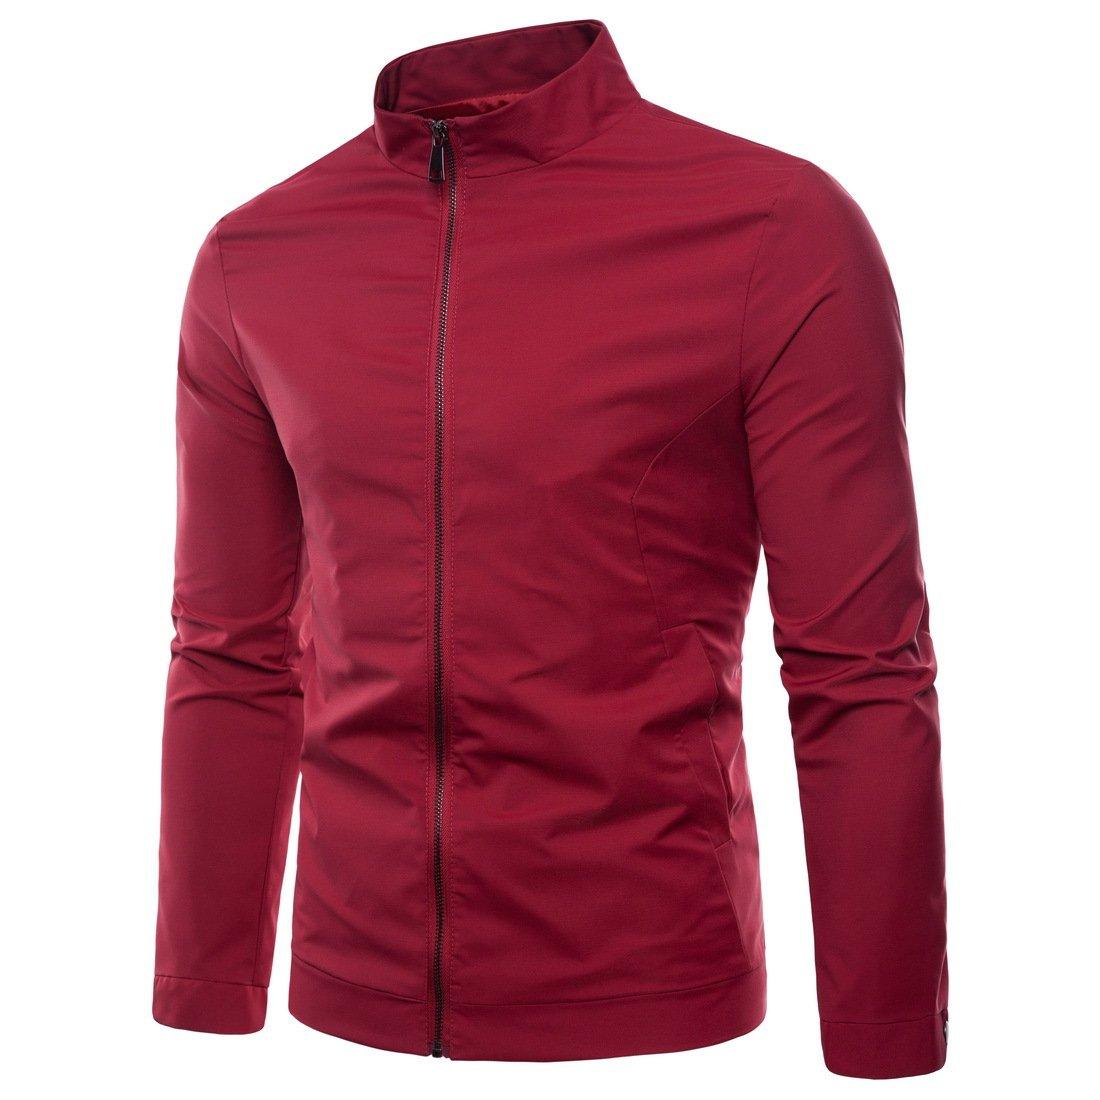 WULFUL Mens Slim Fit Lightweight Windbreaker Jacket Waterproof Casual Outdoor Sportswear